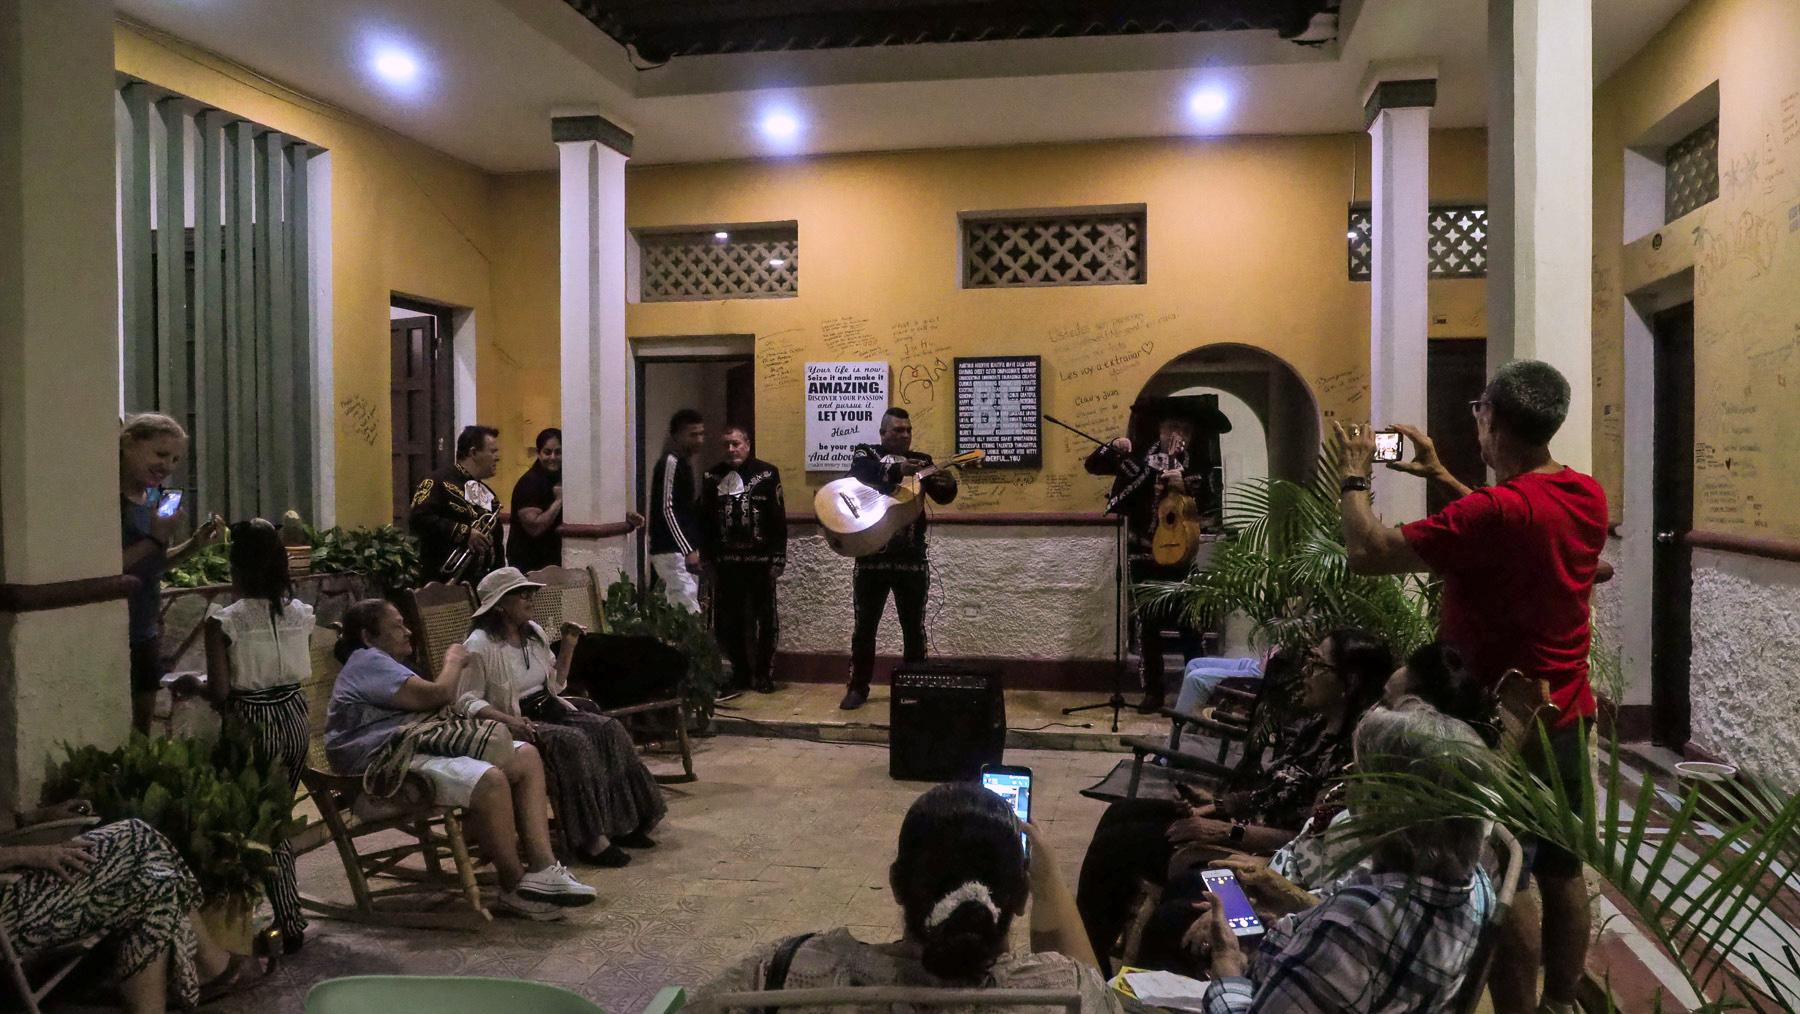 Familienfest. Zwei Wochen leben wir Mitten in einer kolumbianischen Großfamilie